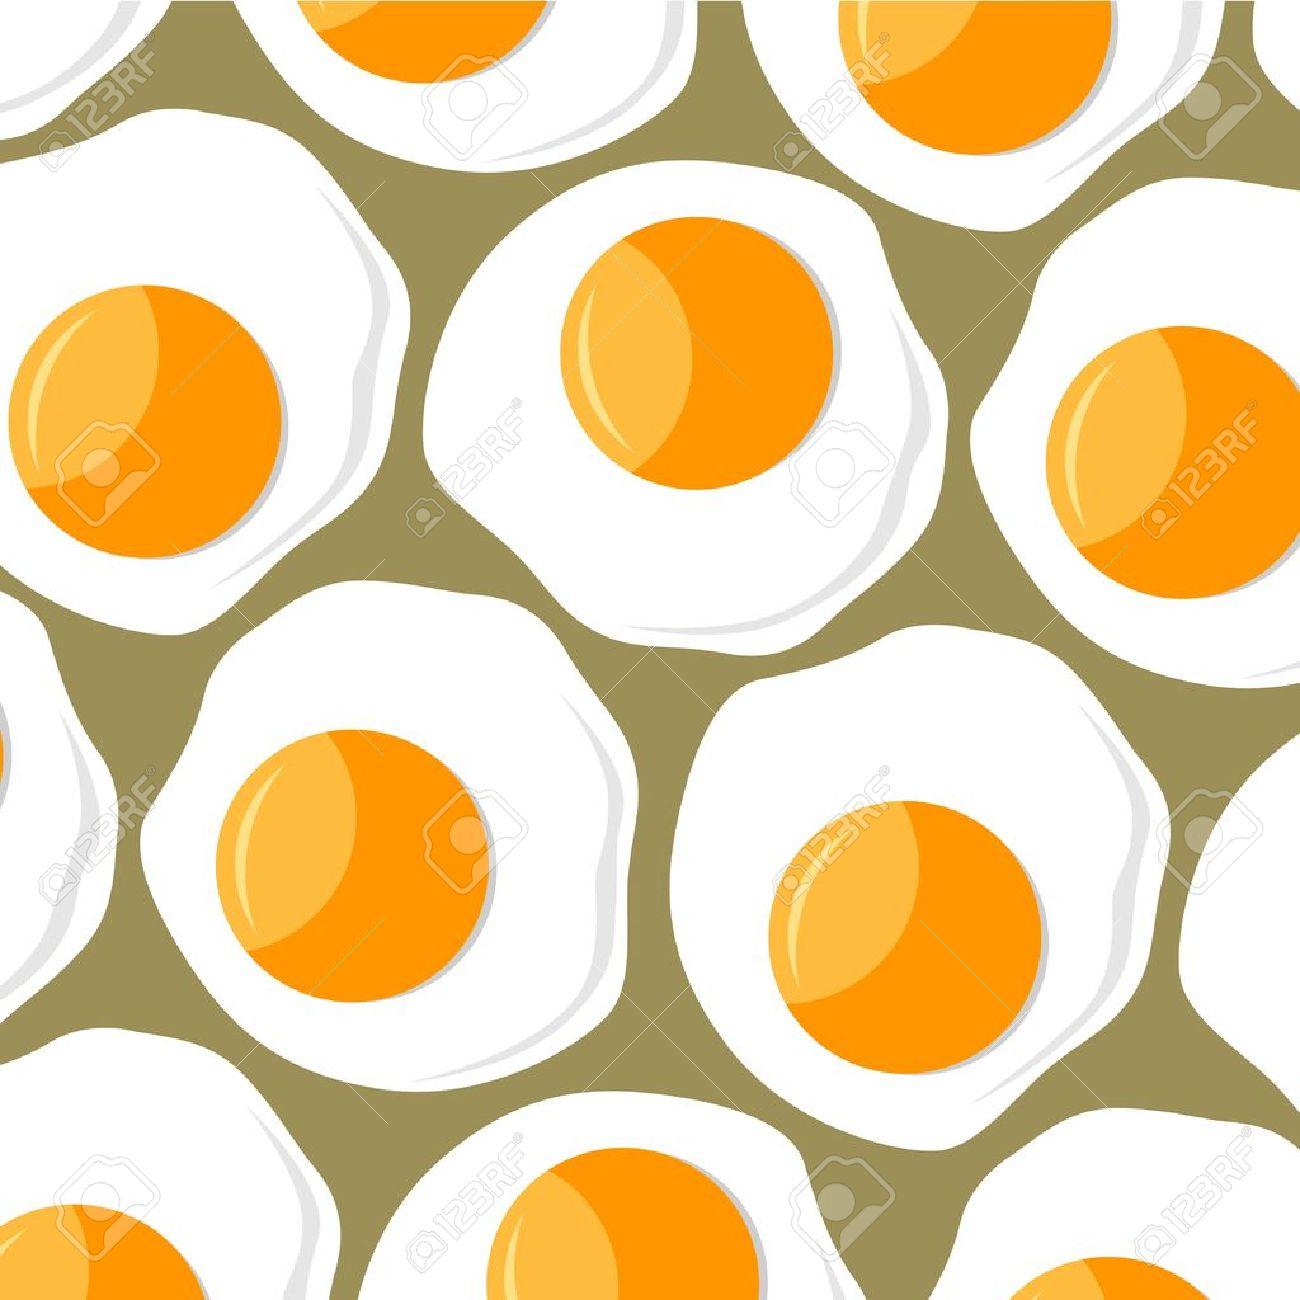 yellow scrambled eggs background pattern - 10991418